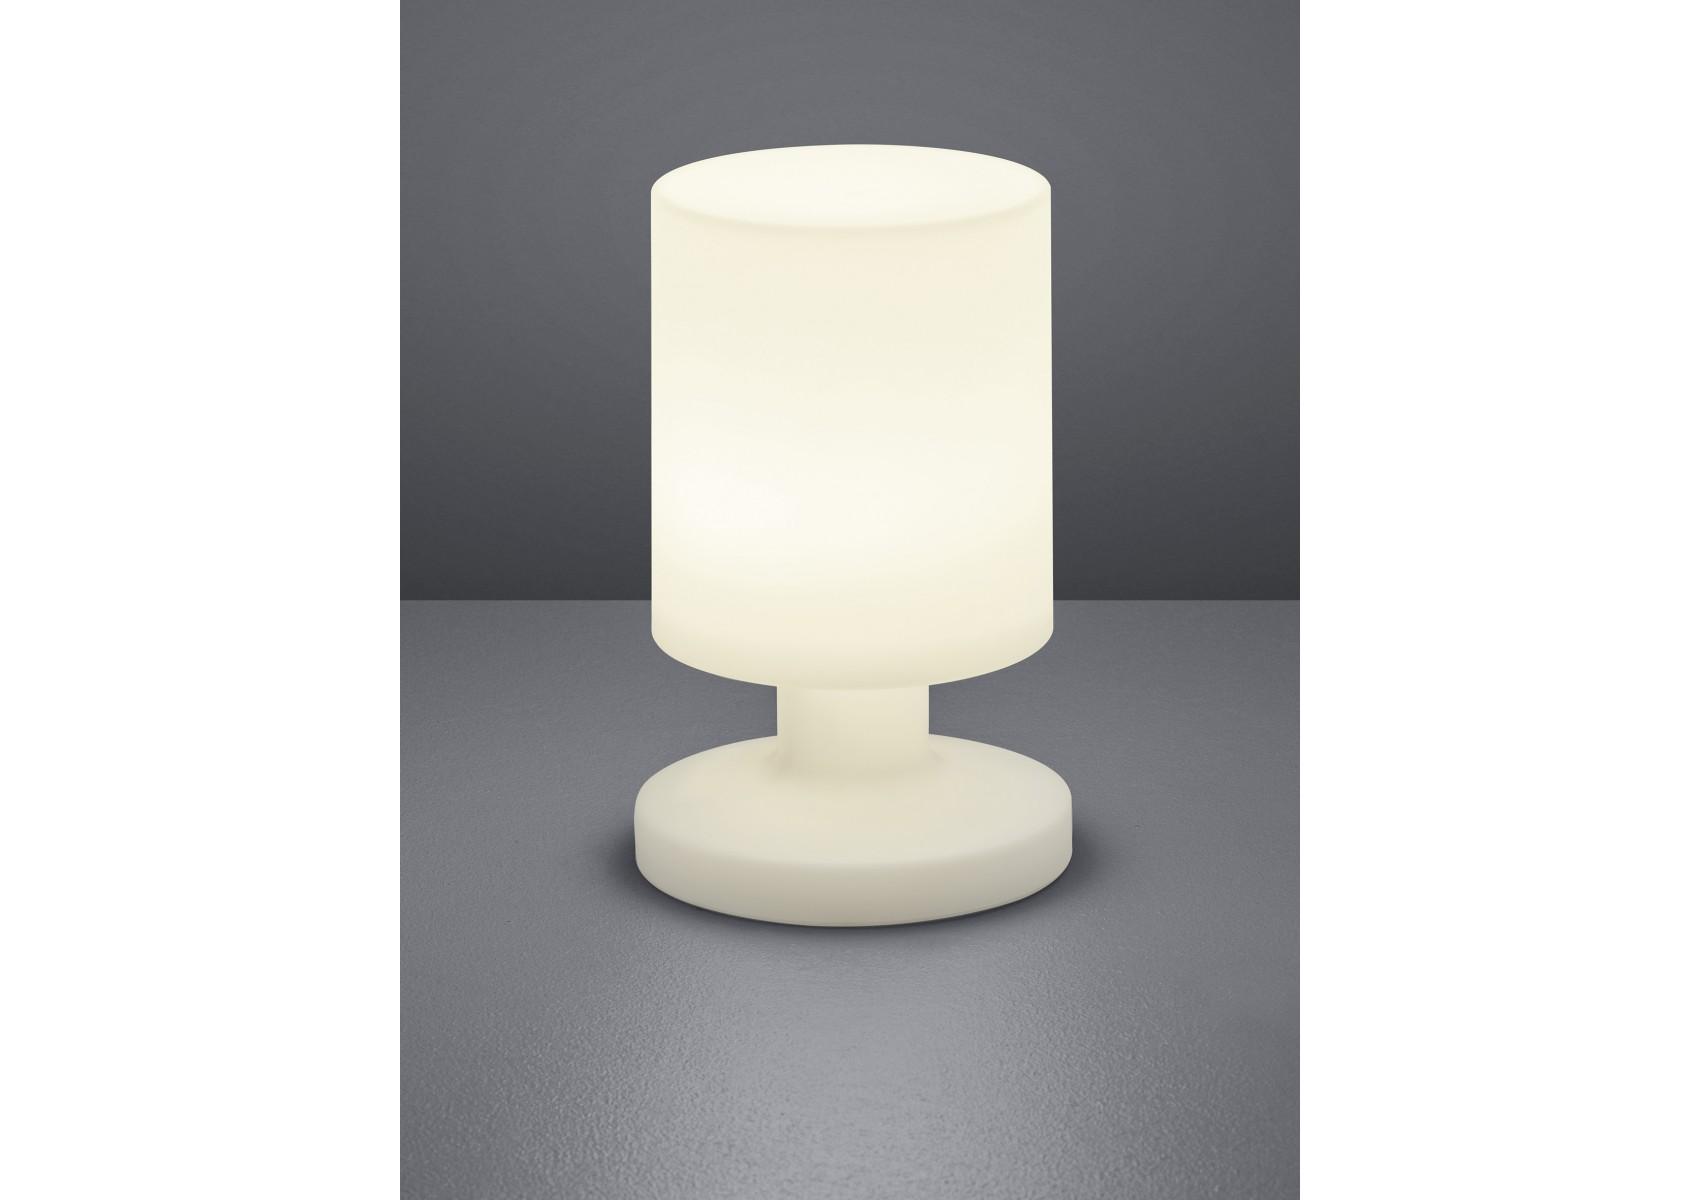 lampe de table design lora Résultat Supérieur 60 Impressionnant Lustre à Pampilles Stock 2018 Uqw1